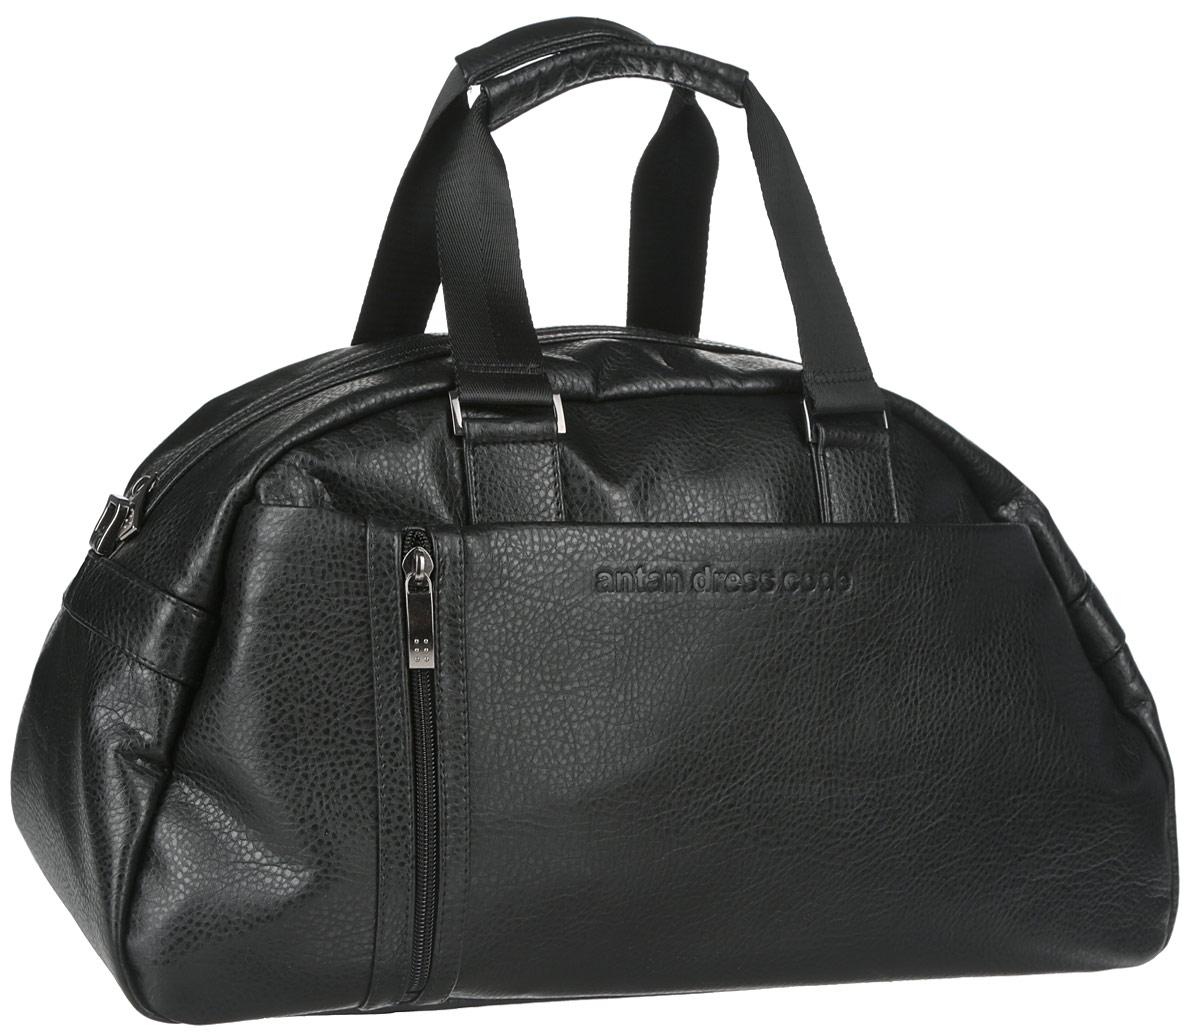 Сумка дорожная Antan, цвет: черный. 2-2472-247Вместительная дорожная сумка Antan выполнена из искусственной кожи с зернистой фактурой. Такая сумка станет надежным спутником в недолгих путешествиях, походах в спортзал и других жизненных ситуациях. Данная модель способна вместить большое количество необходимых вещей и предметов. Модель имеет одно главное отделение, закрывающееся на пластиковую застежку-молнию. Внутри отделения предусмотрен вместительный прорезной карман на застежке-молнии и два нашивных кармана для мелочей. Снаружи, на задней и передней стенках расположены вместительные прорезные карманы на застежках-молниях. Лицевая сторона дополнена небольшим прорезным карманом на молнии. Сумка оснащена двумя удобными ручками и двумя съемными плечевыми ремнями, регулируемой длины, благодаря этому сумка носится в руке или на плече. Устойчивое дно дополнено металлическими ножками, которые защитят изделие от повреждений. Сумка декорирована тиснением бренда. Такая сумка - незаменимый аксессуар для путешествия. С...